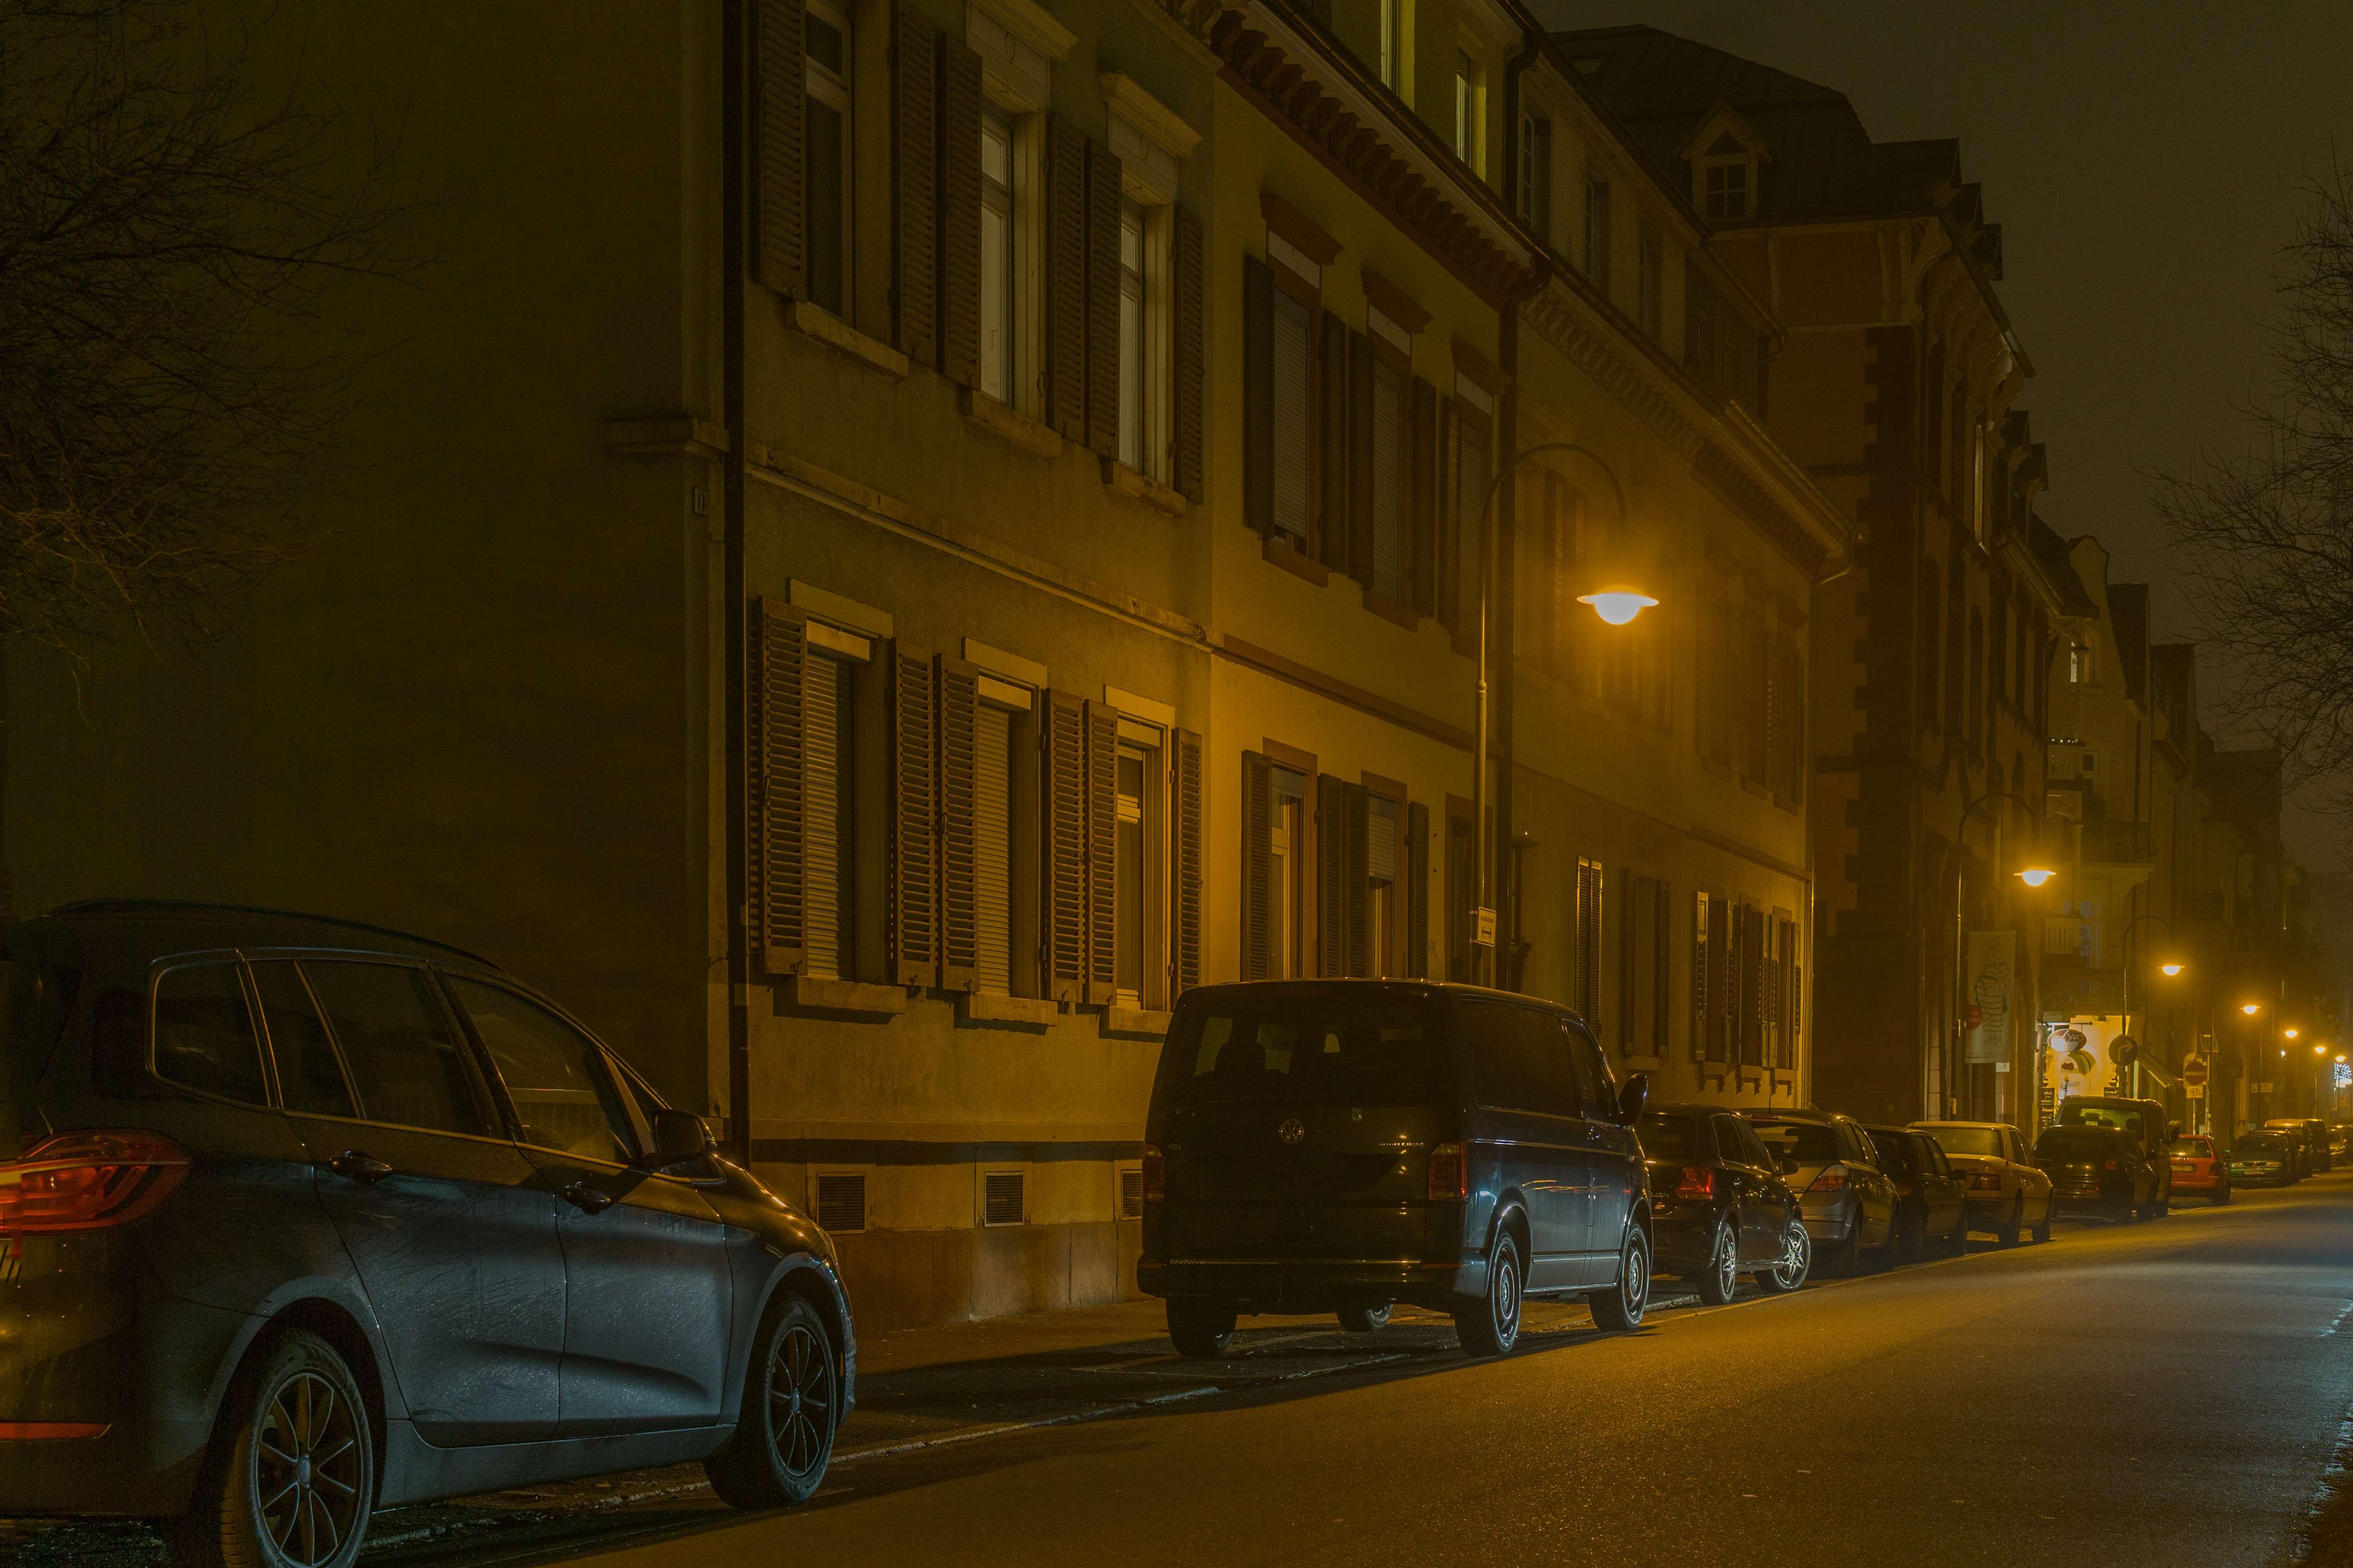 Cars in illuminated city at night photo